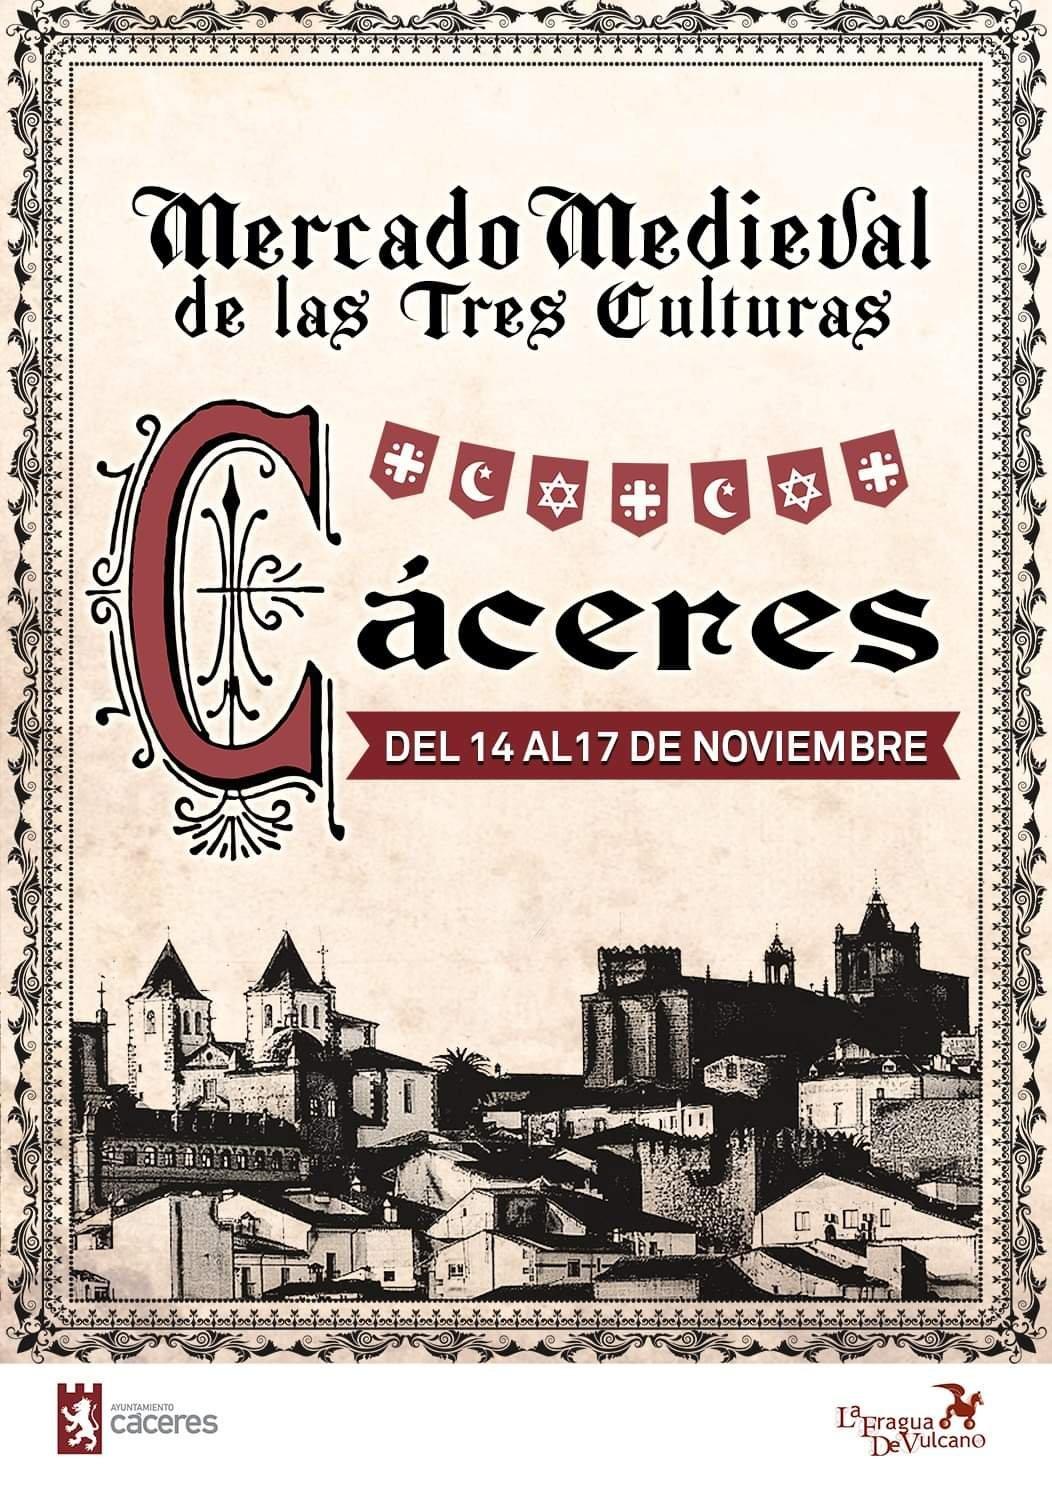 Mercado medieval de las tres culturas 2019 - Cáceres